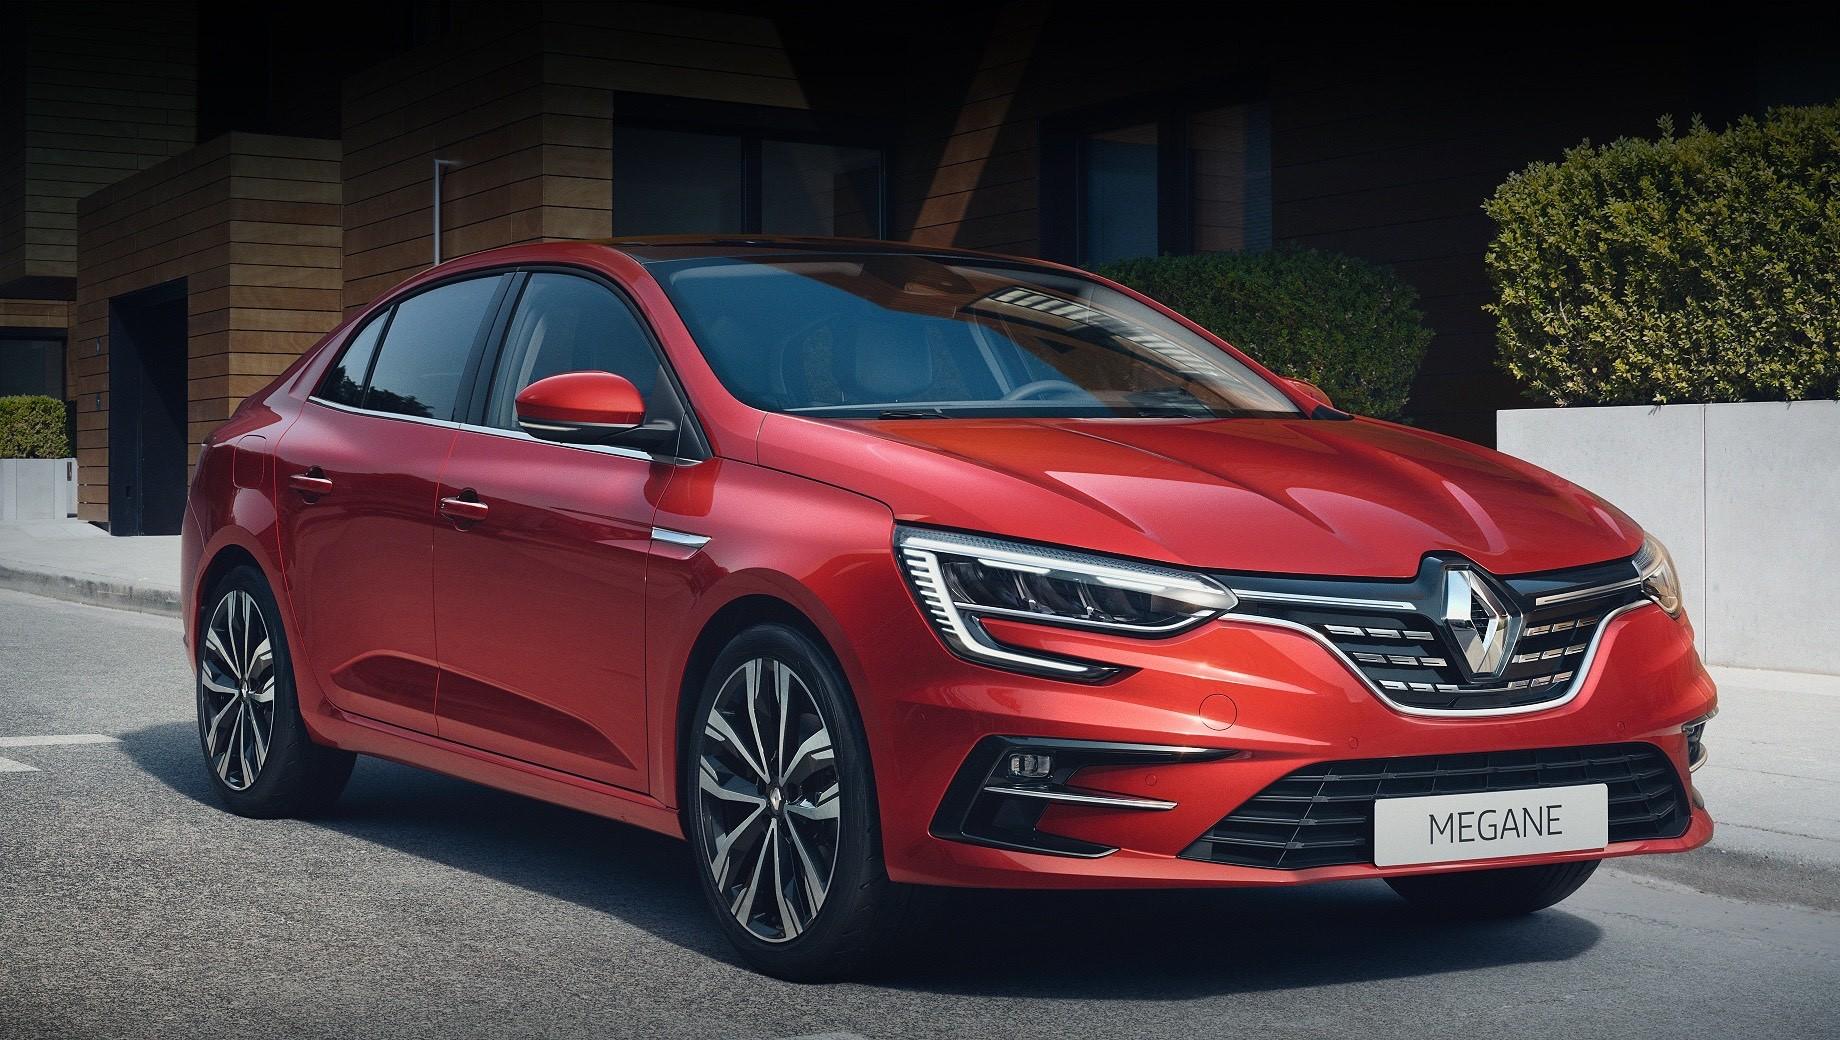 Обновлённый седан Renault Megane остался без электромоторов